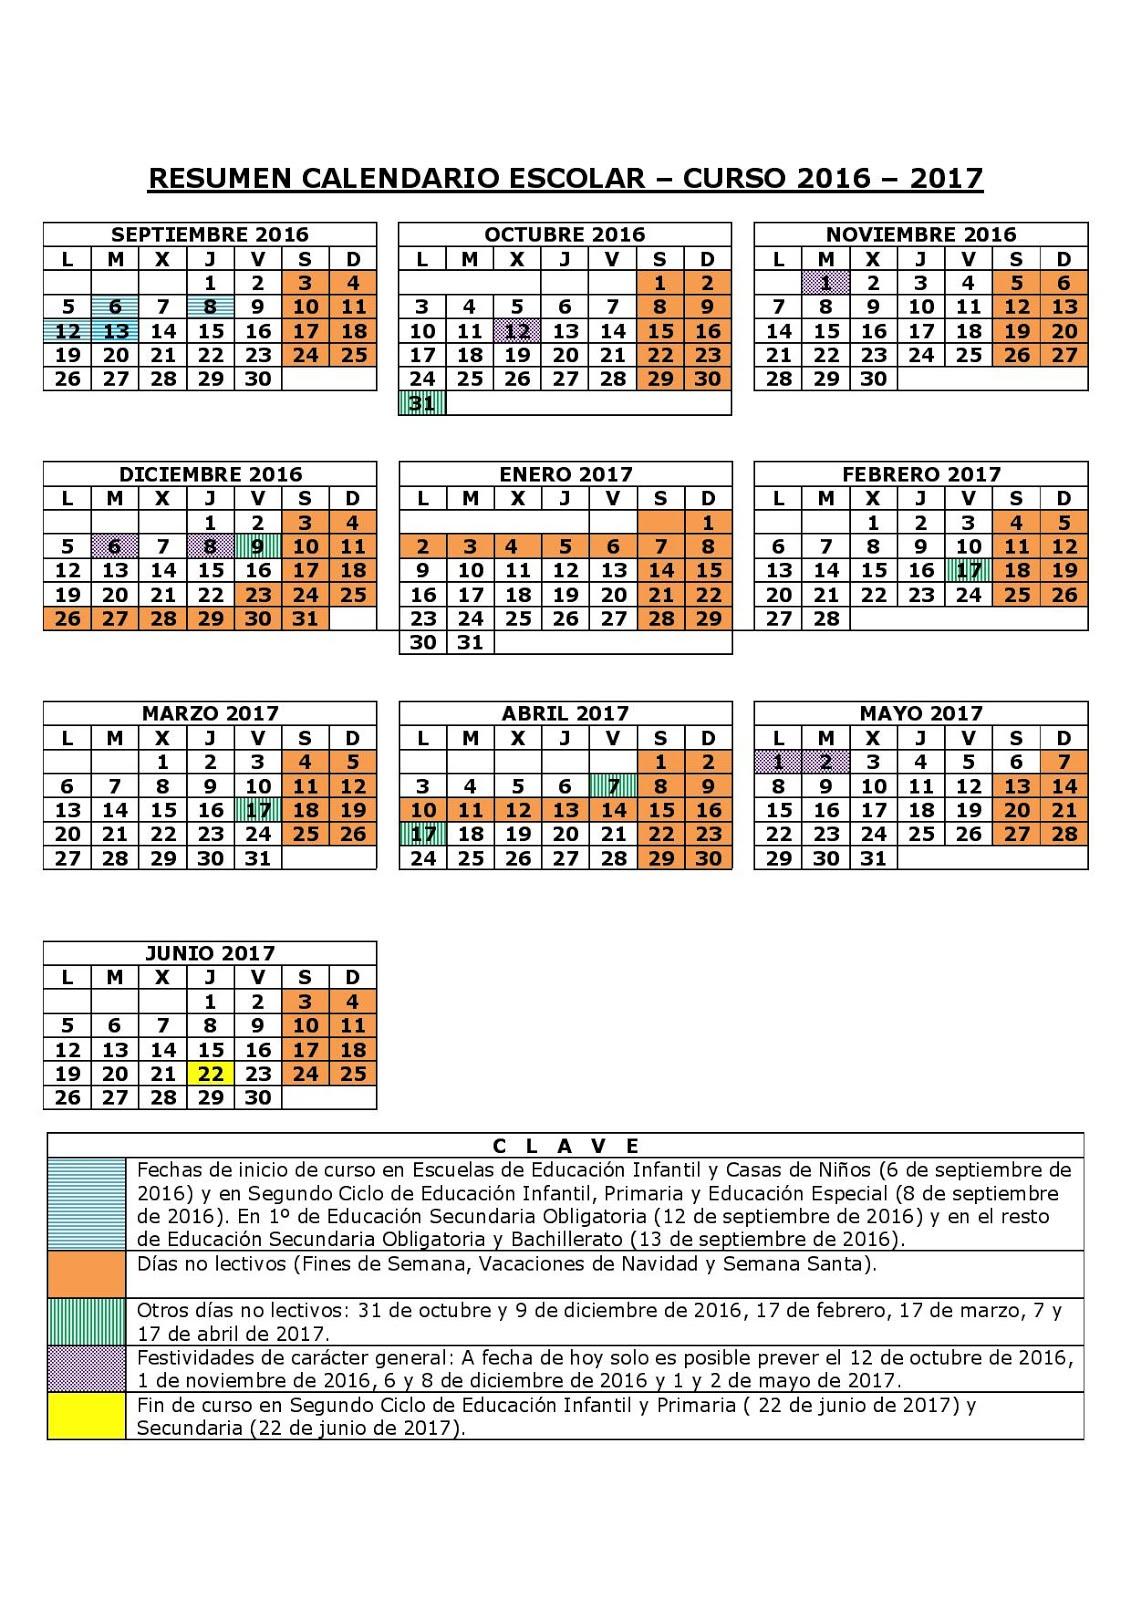 Calendario escolar curso 16/17